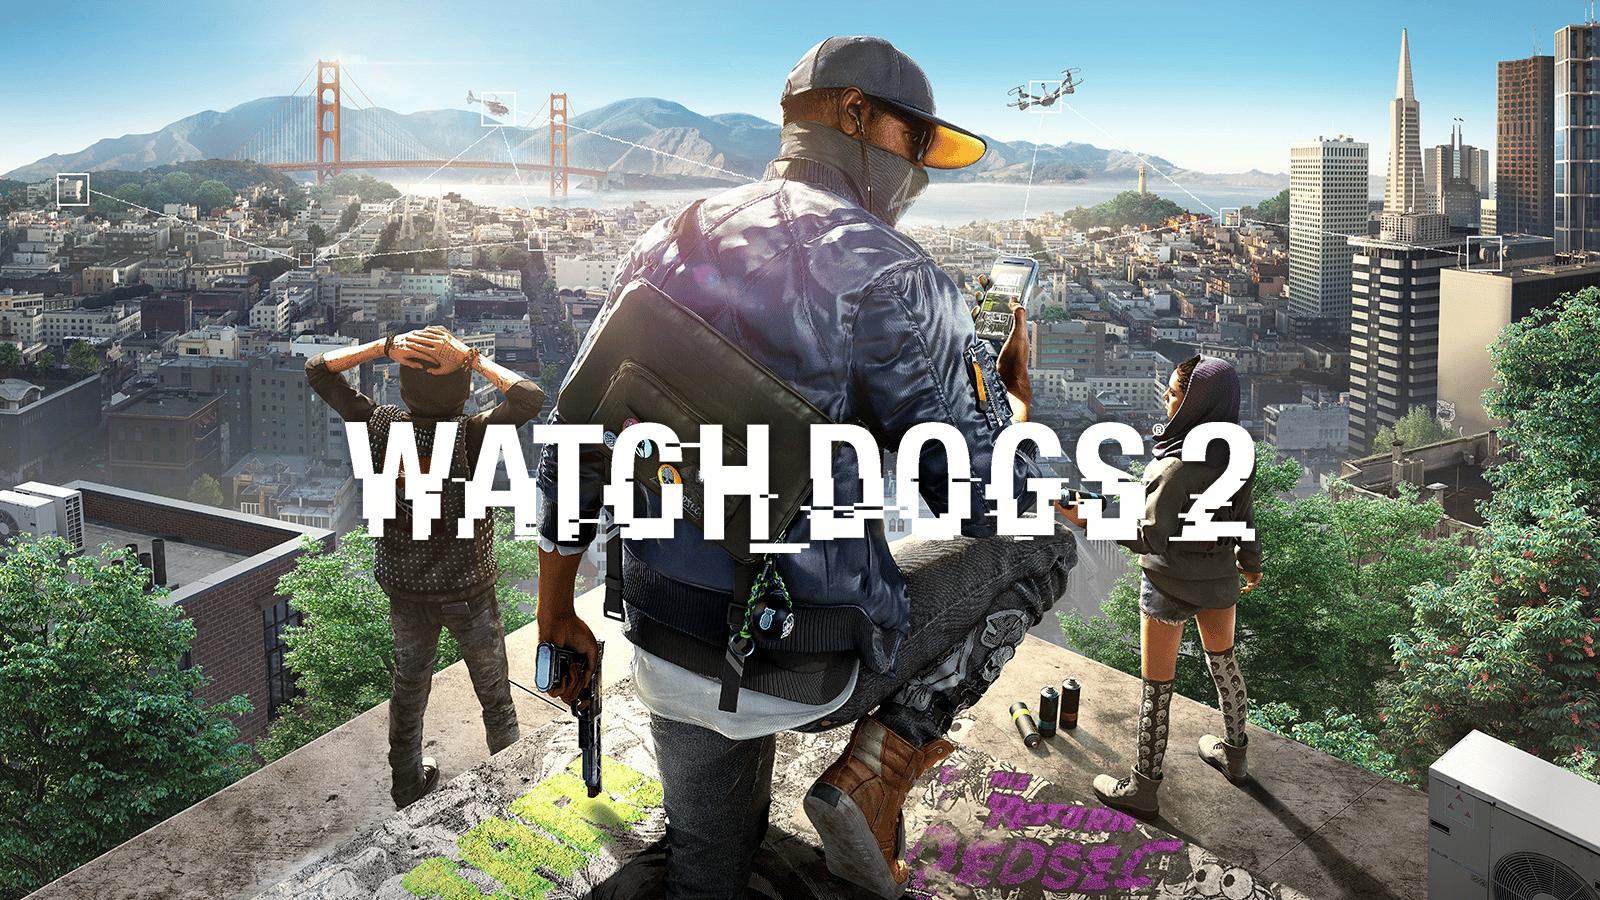 Watch Dogs 2 telecharger gratuit de PC et Torrent